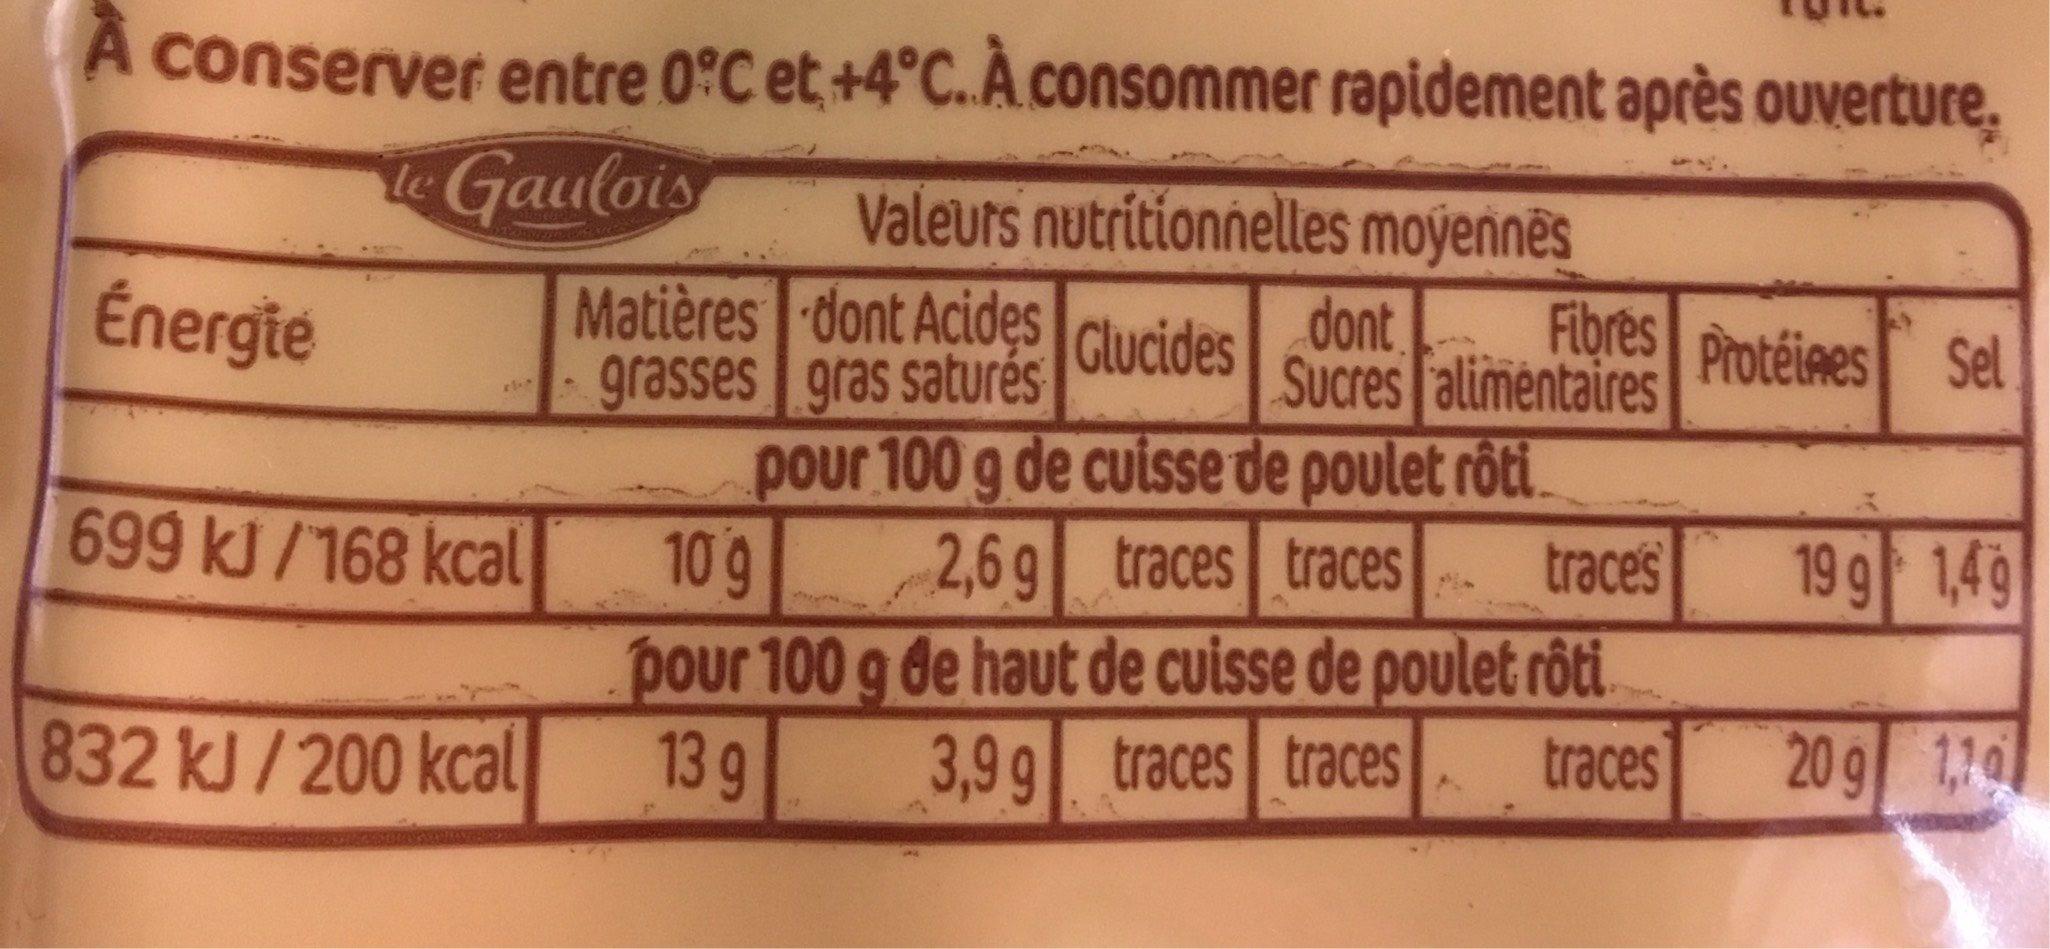 Cuisses de poulet roti - Informations nutritionnelles